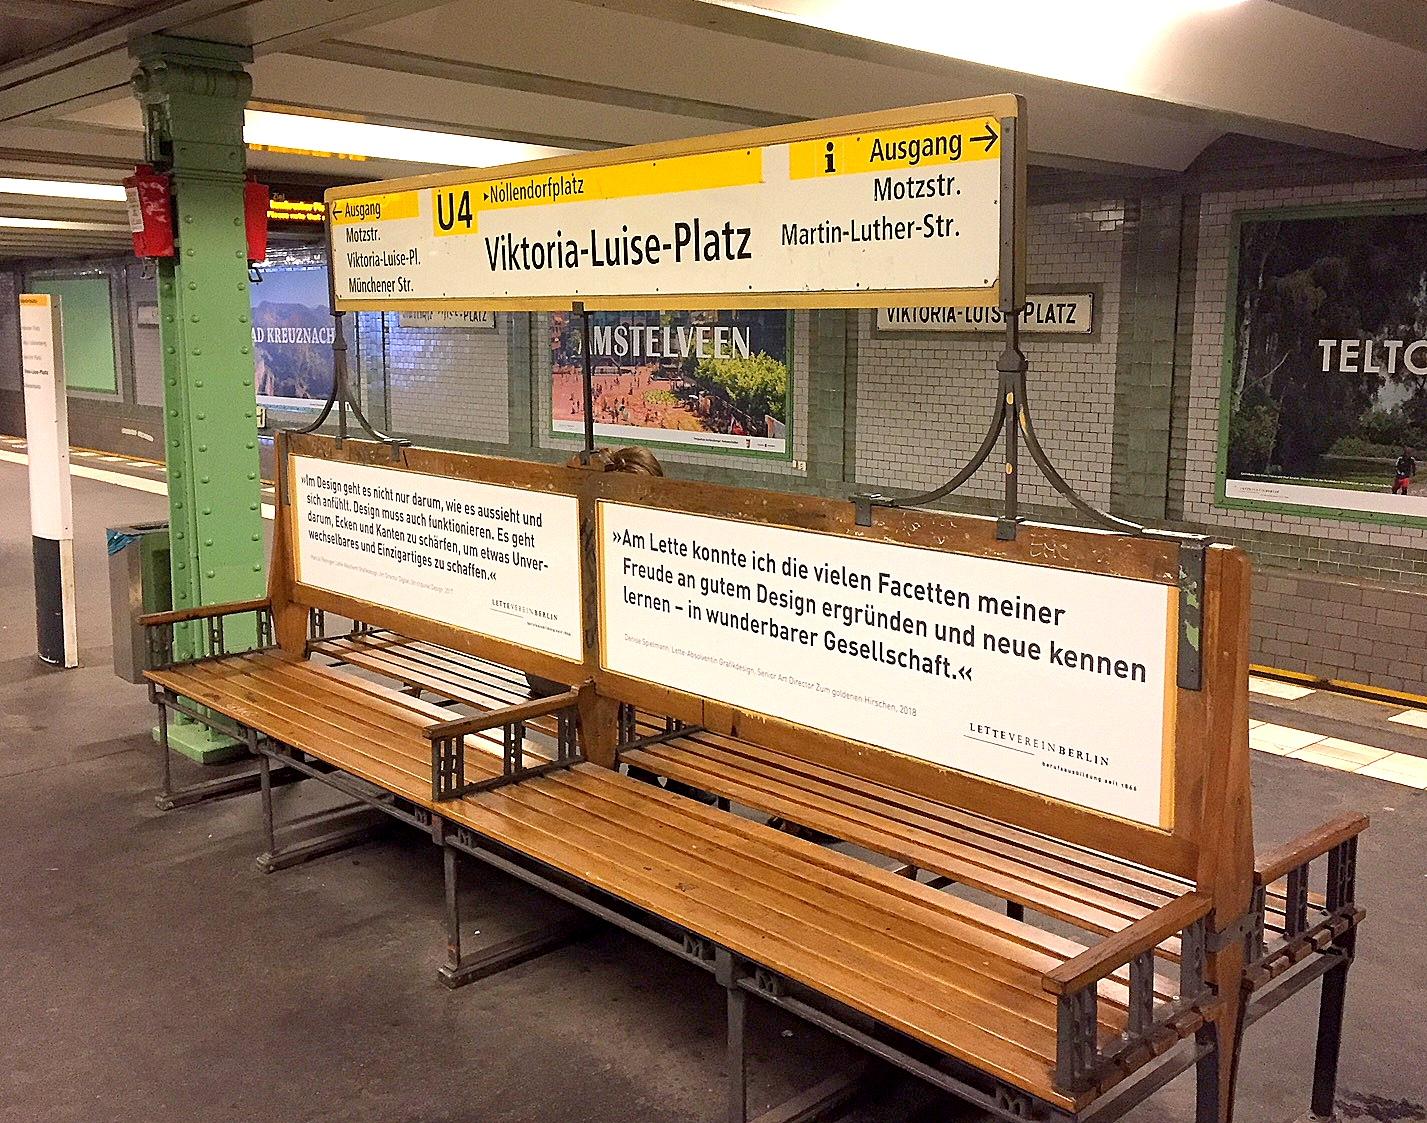 U-Bahnhof Viktoria-Luise-Platz